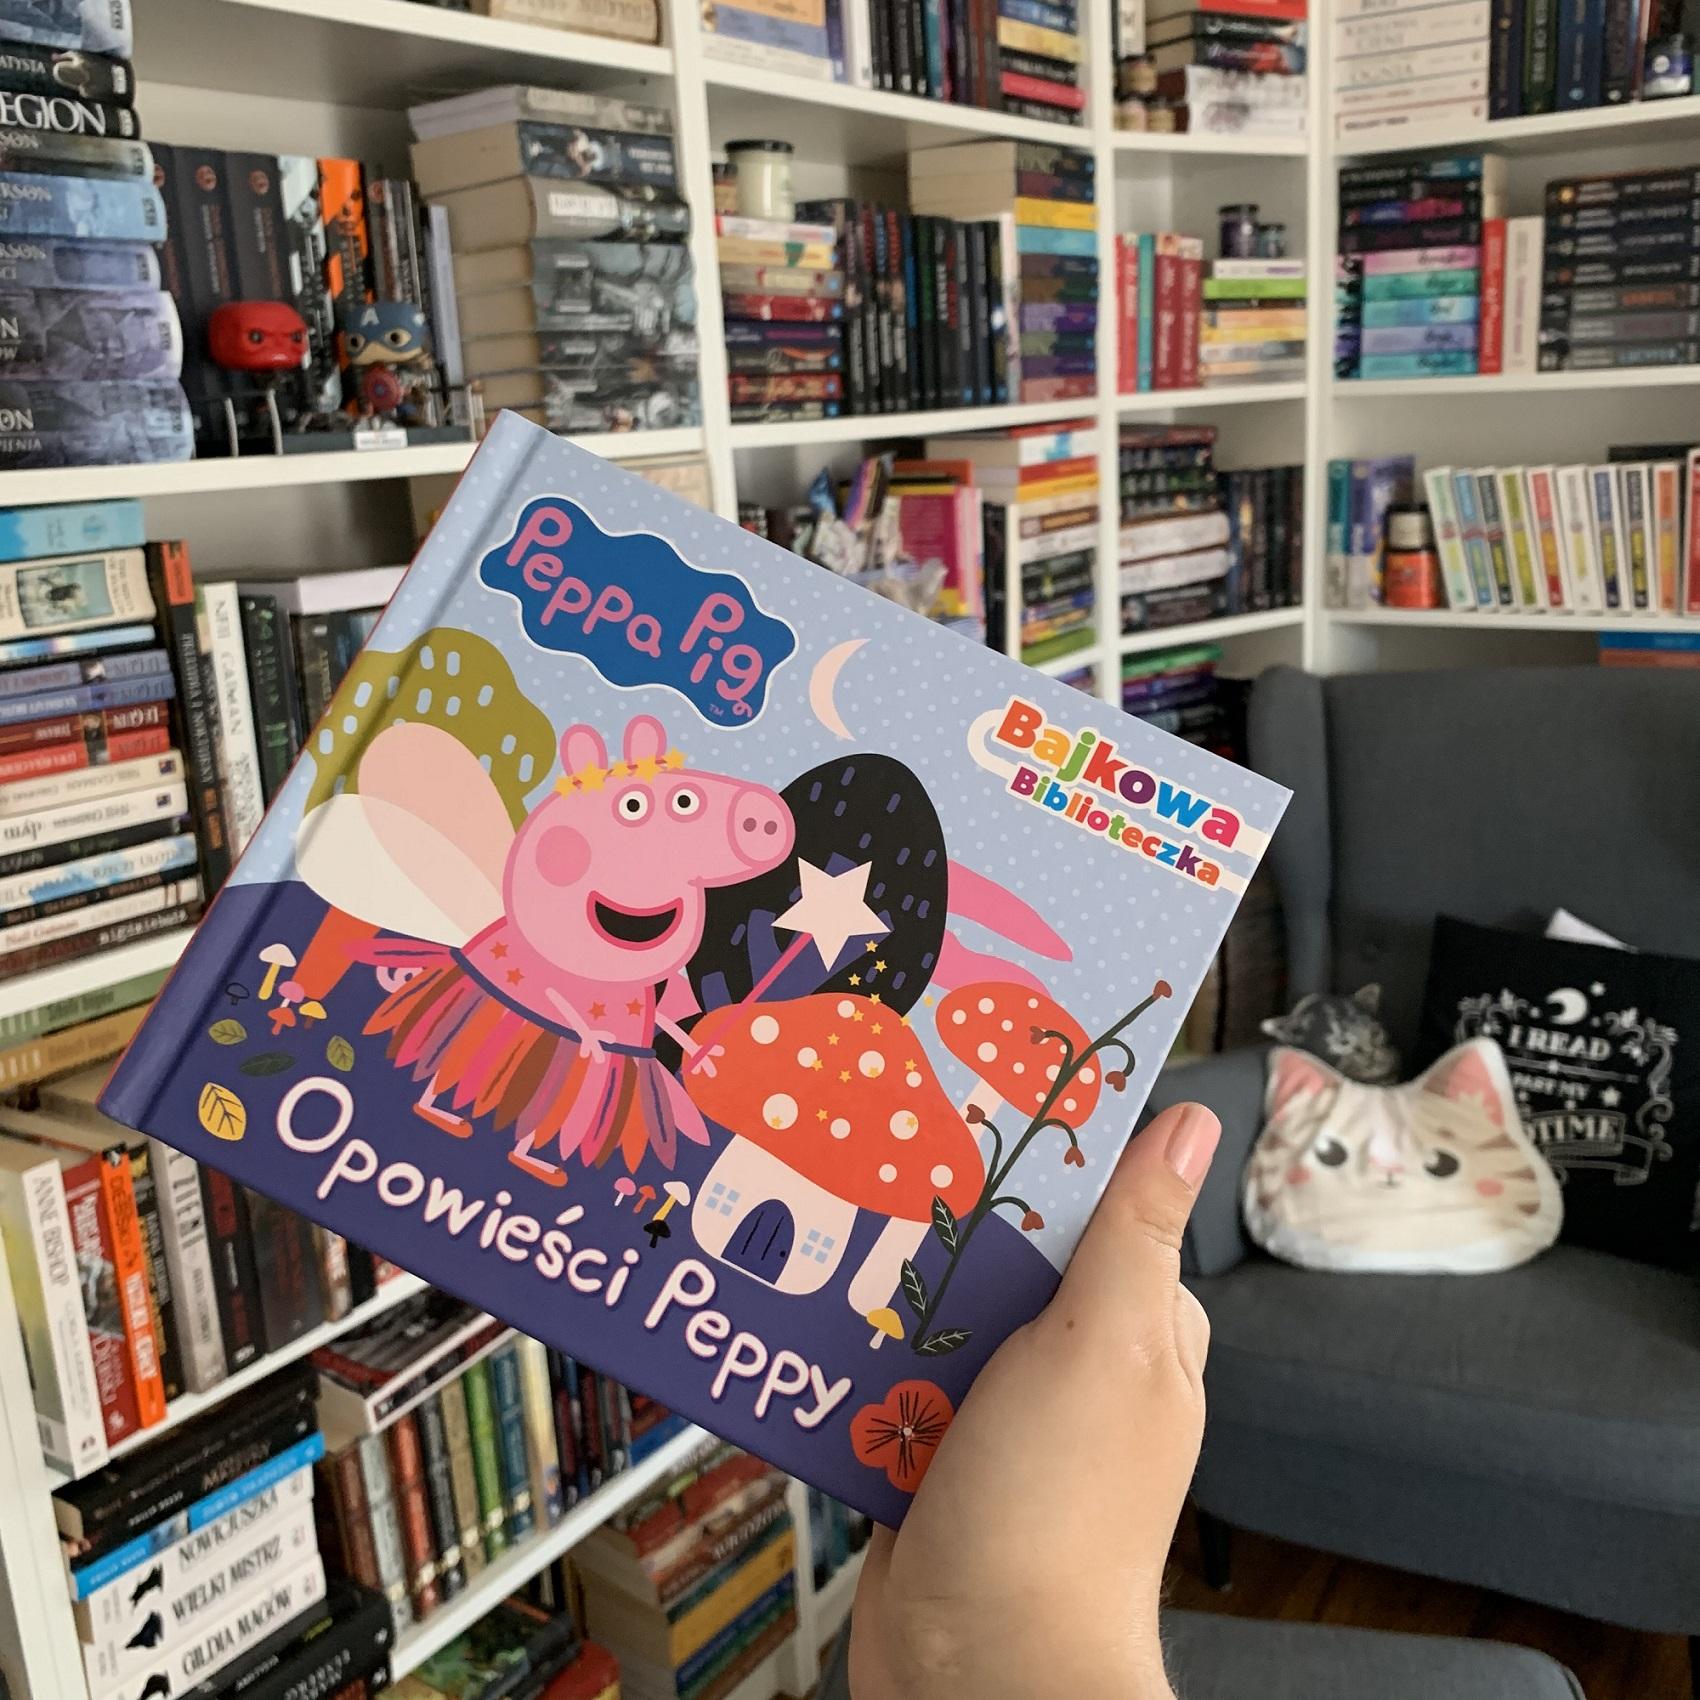 bajkowa-biblioteczka-opowiesci-peppy